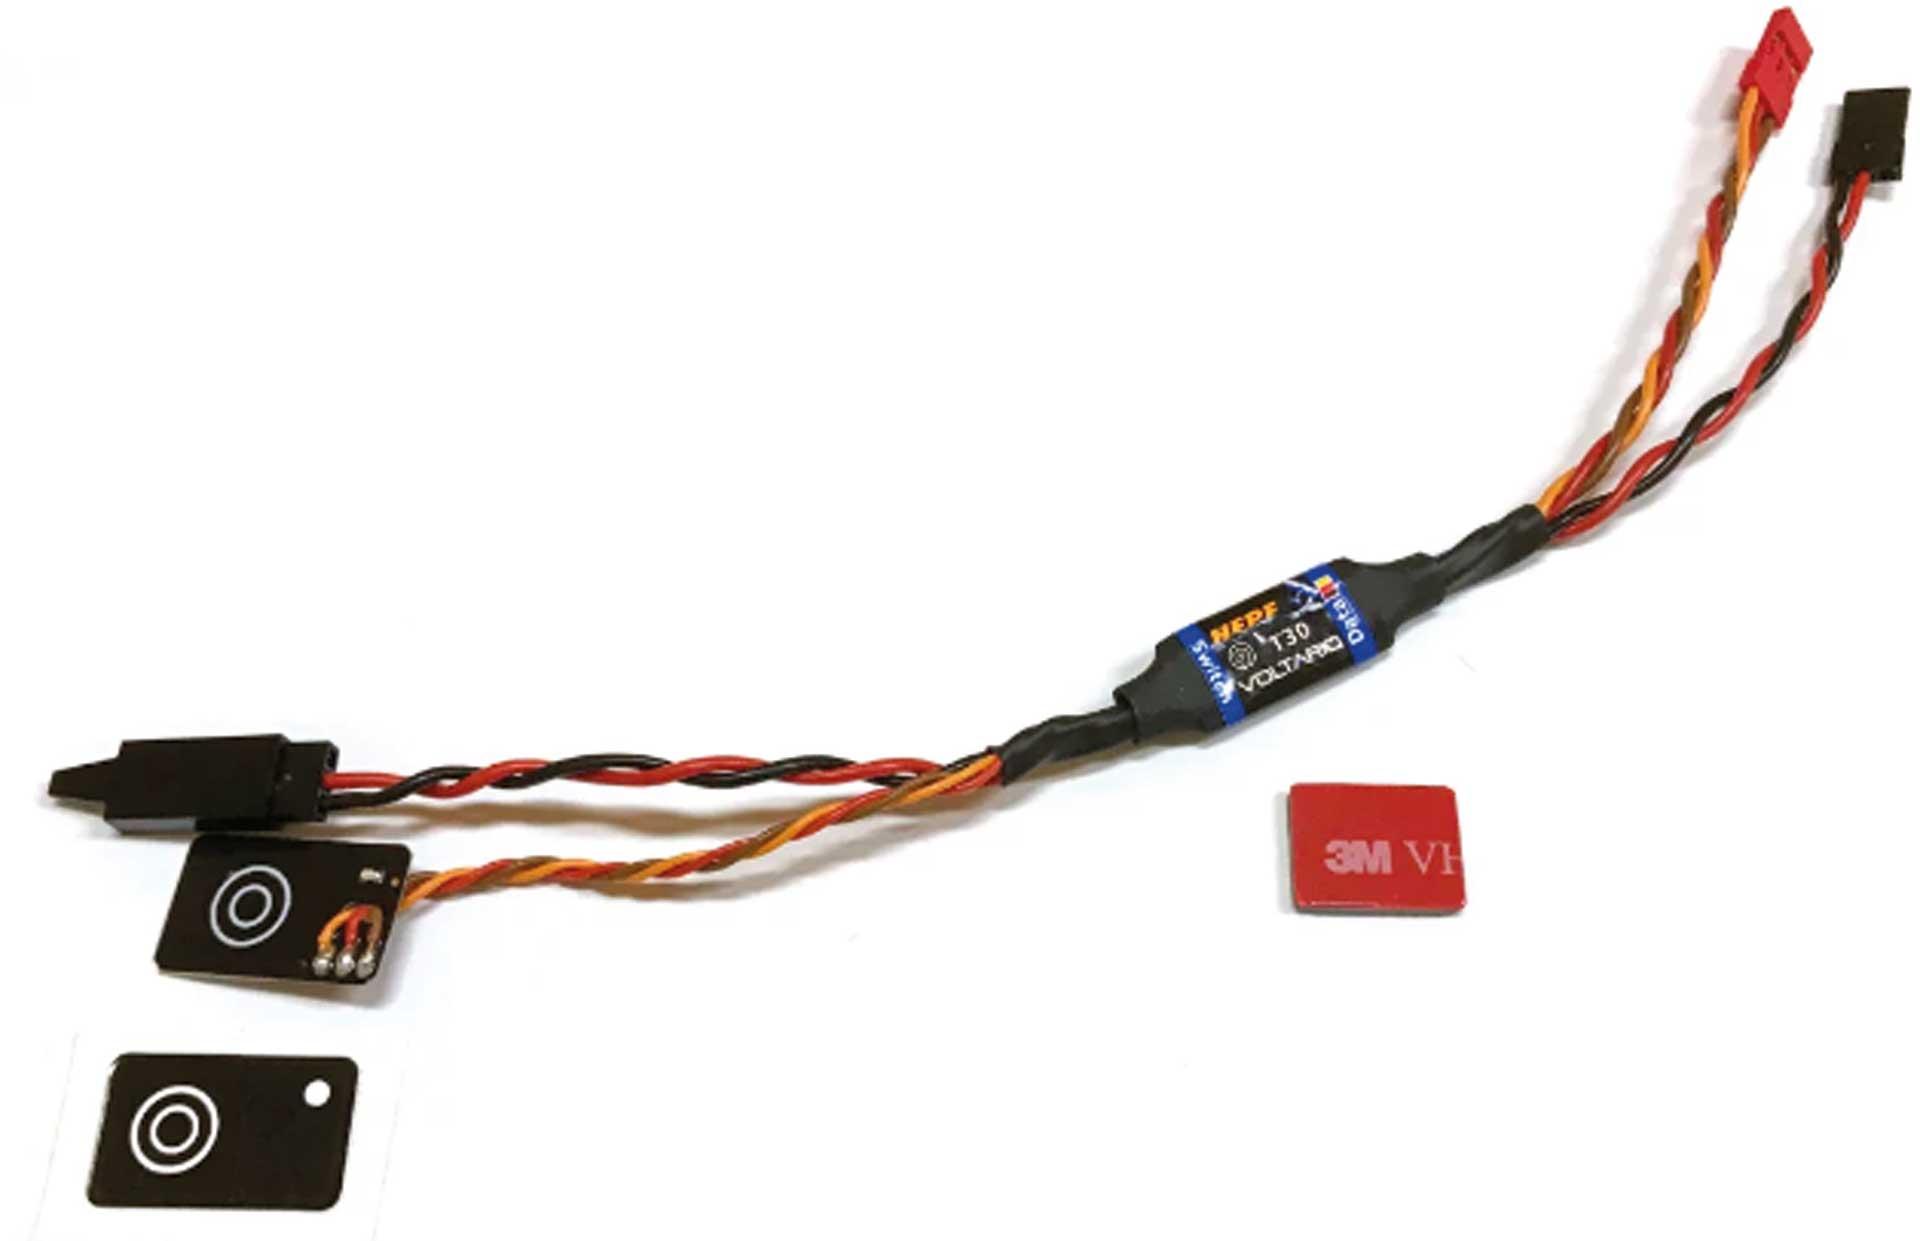 Hepf Voltario T30 Schalter und Telemetrie Überwachung der Stromversorgung im Modell